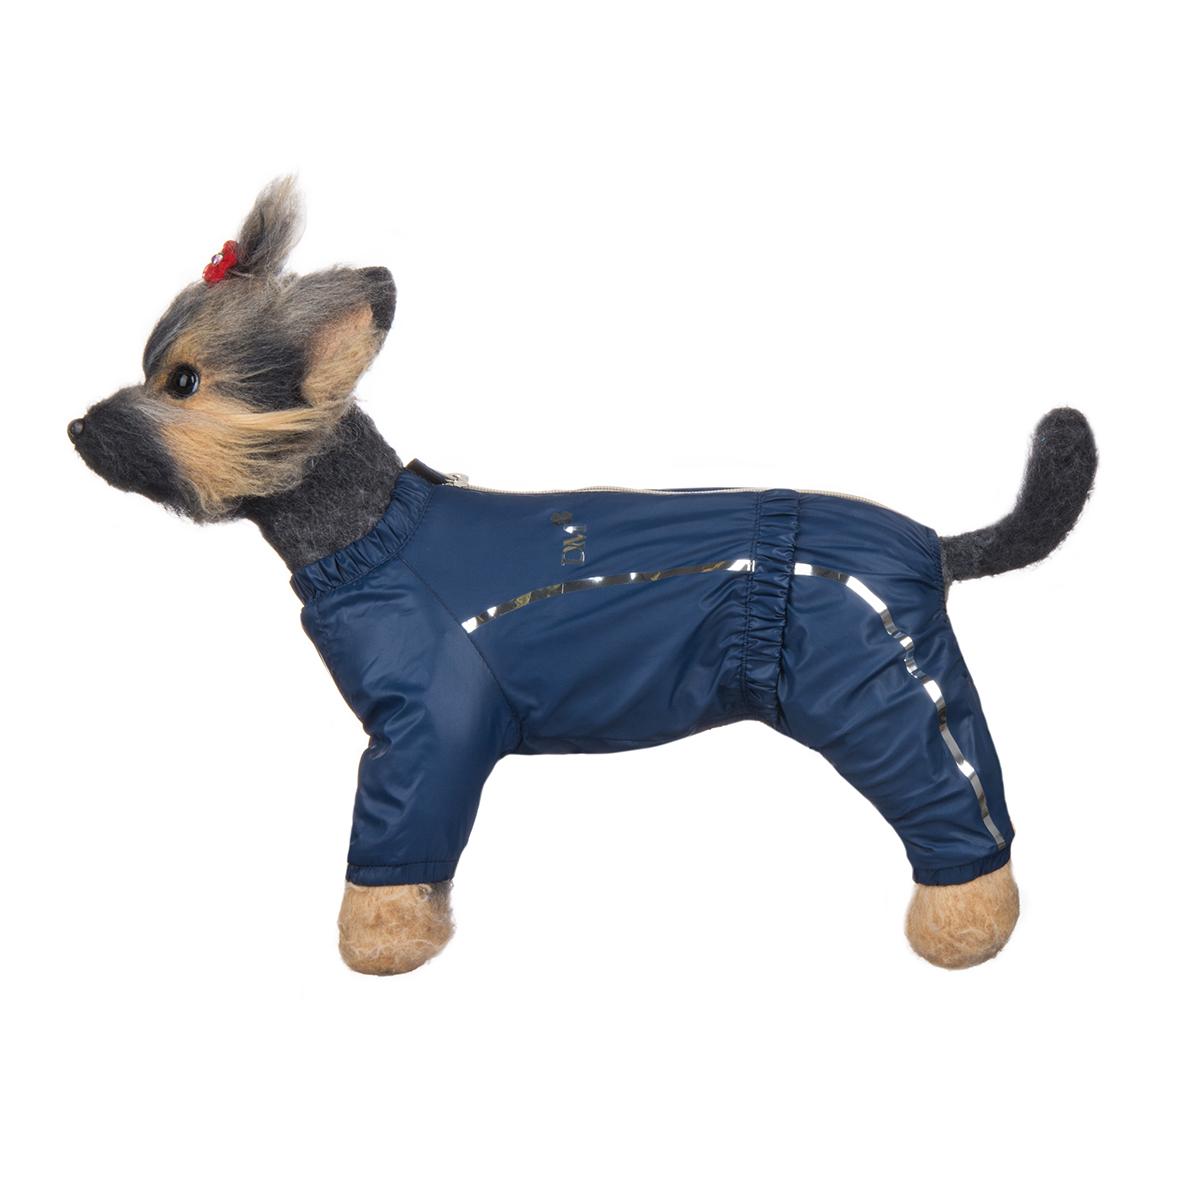 Комбинезон для собак Dogmoda Альпы, для мальчика, цвет: темно-синий. Размер 3 (L)DM-150328-3Комбинезон для собак Dogmoda Альпы отлично подойдет для прогулок поздней осенью или ранней весной.Комбинезон изготовлен из полиэстера, защищающего от ветра и осадков, с подкладкой из флиса, которая сохранит тепло и обеспечит отличный воздухообмен. Комбинезон застегивается на молнию и липучку, благодаря чему его легко надевать и снимать. Ворот, низ рукавов и брючин оснащены внутренними резинками, которые мягко обхватывают шею и лапки, не позволяя просачиваться холодному воздуху. На пояснице имеется внутренняя резинка. Изделие декорировано серебристыми полосками и надписью DM.Благодаря такому комбинезону простуда не грозит вашему питомцу и он не даст любимцу продрогнуть на прогулке.